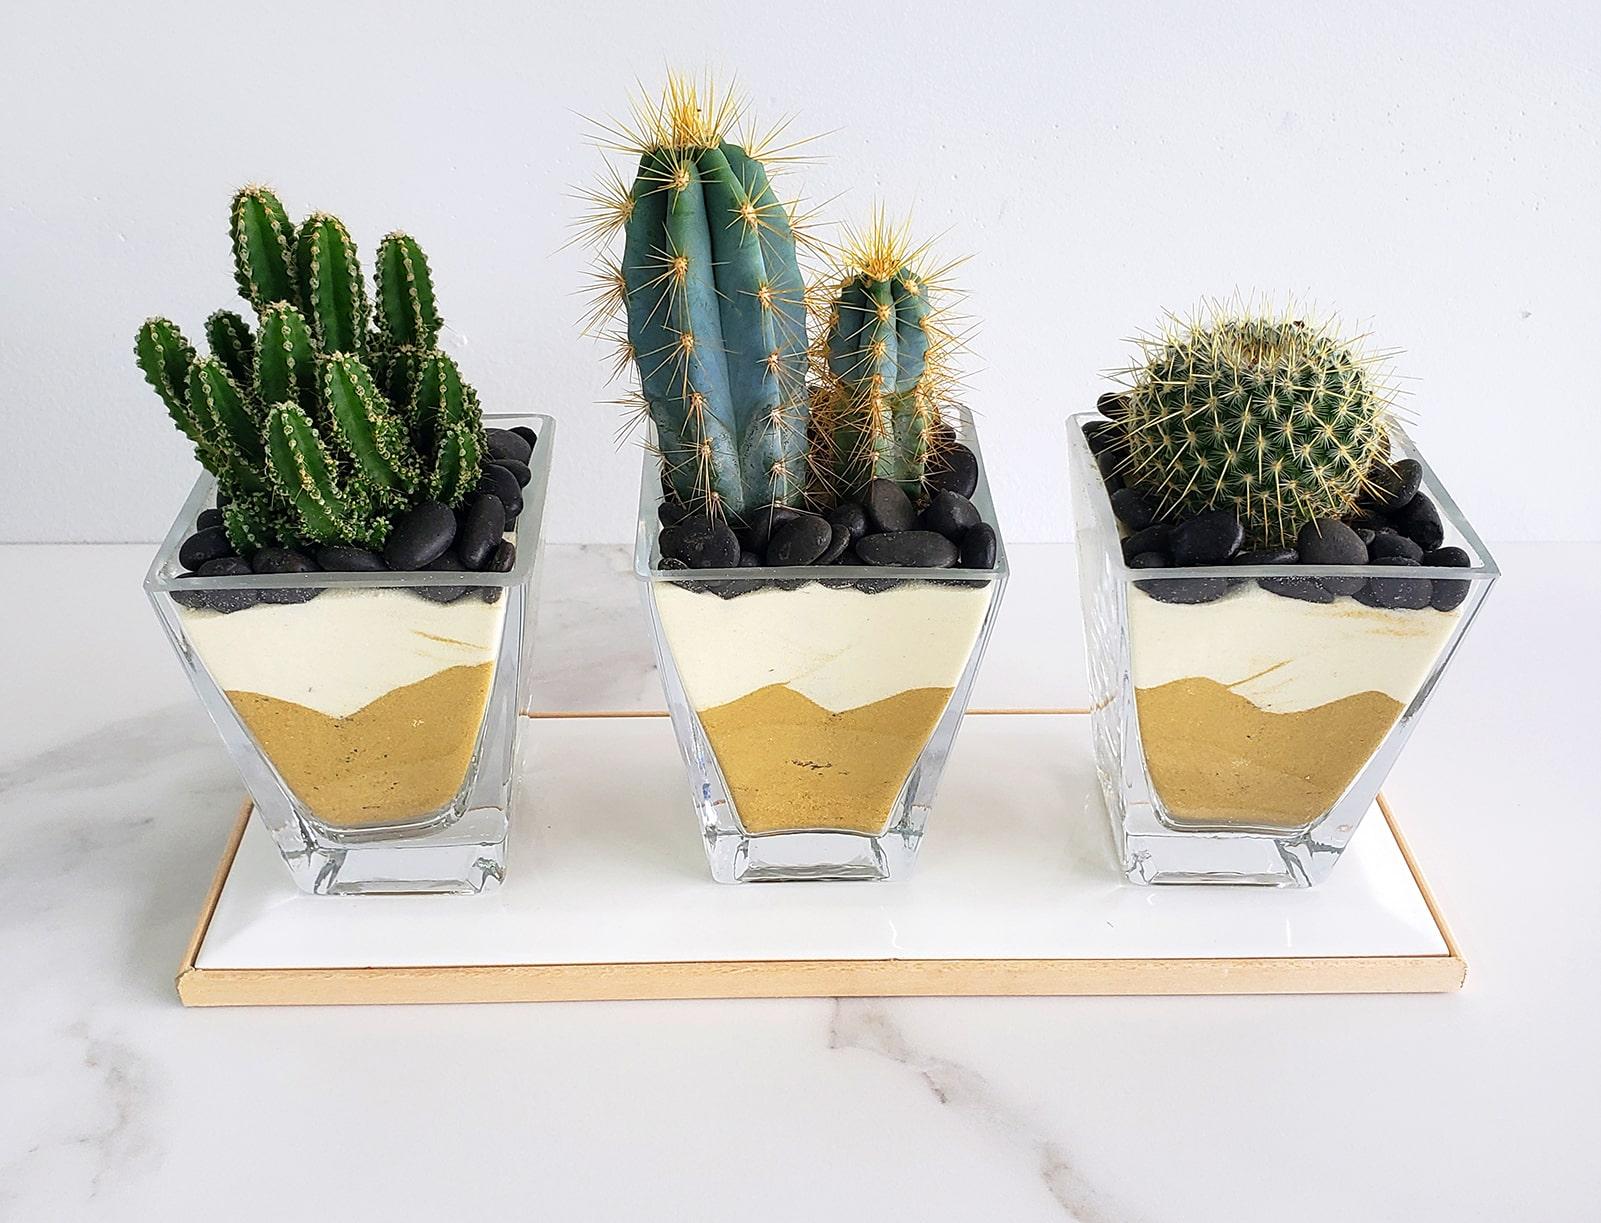 Trio de cactus dans du sable